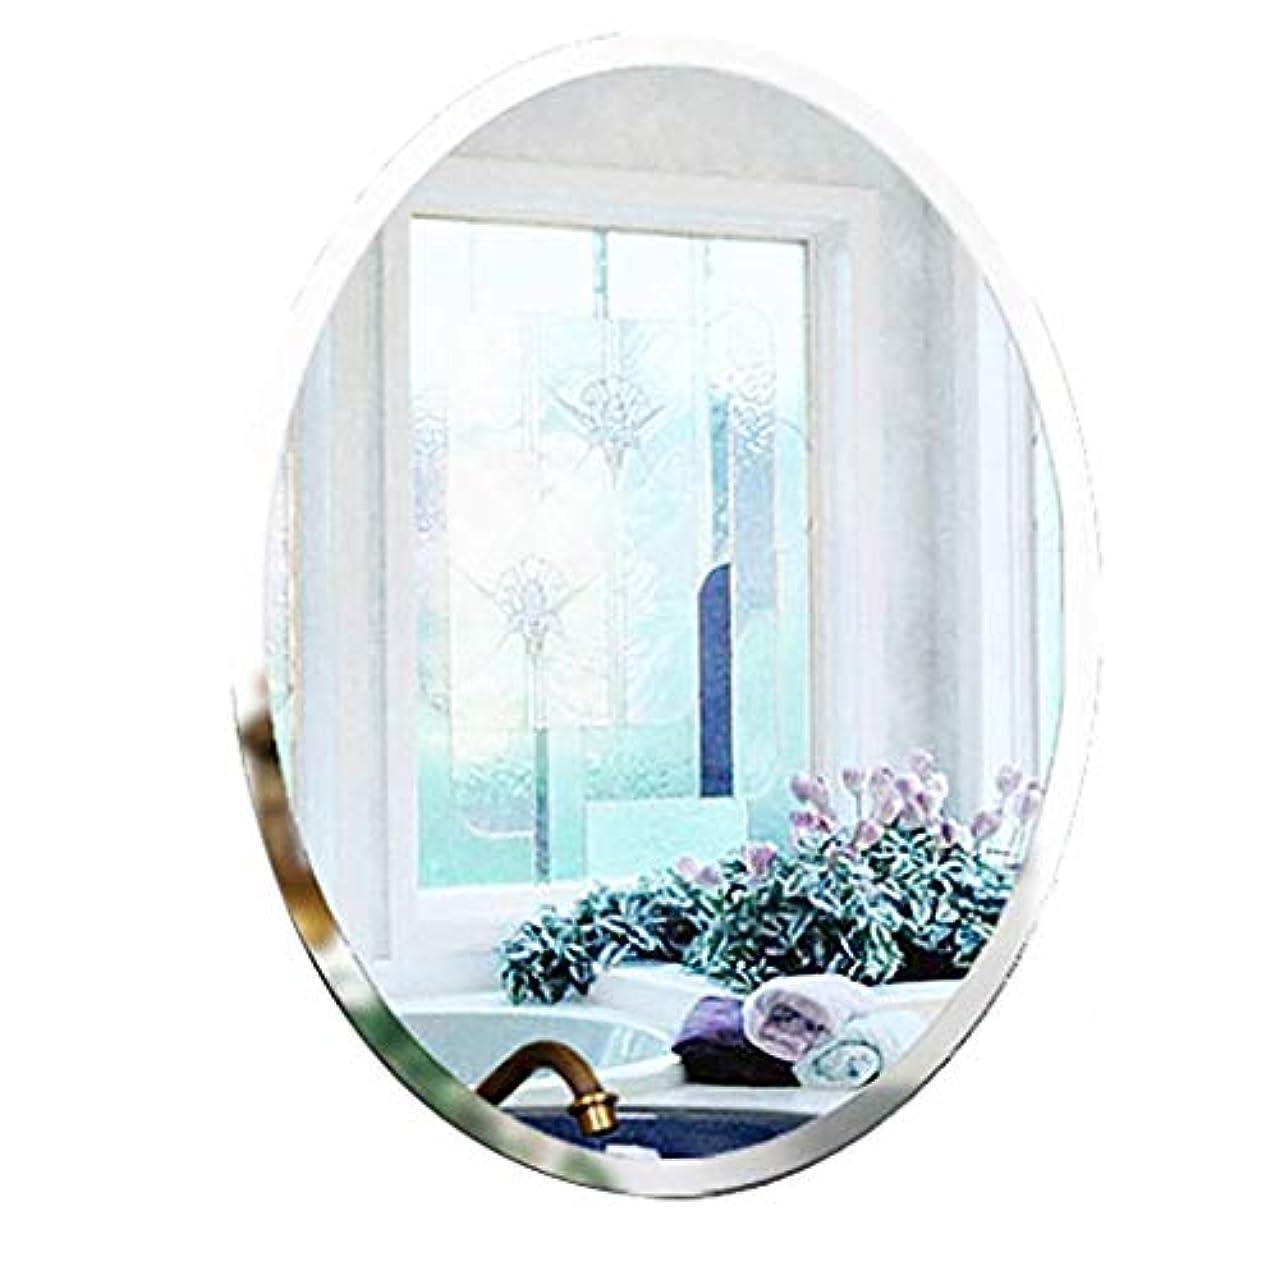 メトロポリタン胆嚢基準Selm 壁掛け化粧鏡、オーバルフレームレス浴室用ミラー壁掛け固定金具ハードウェア用バスルーム洗面所50CMx70CM